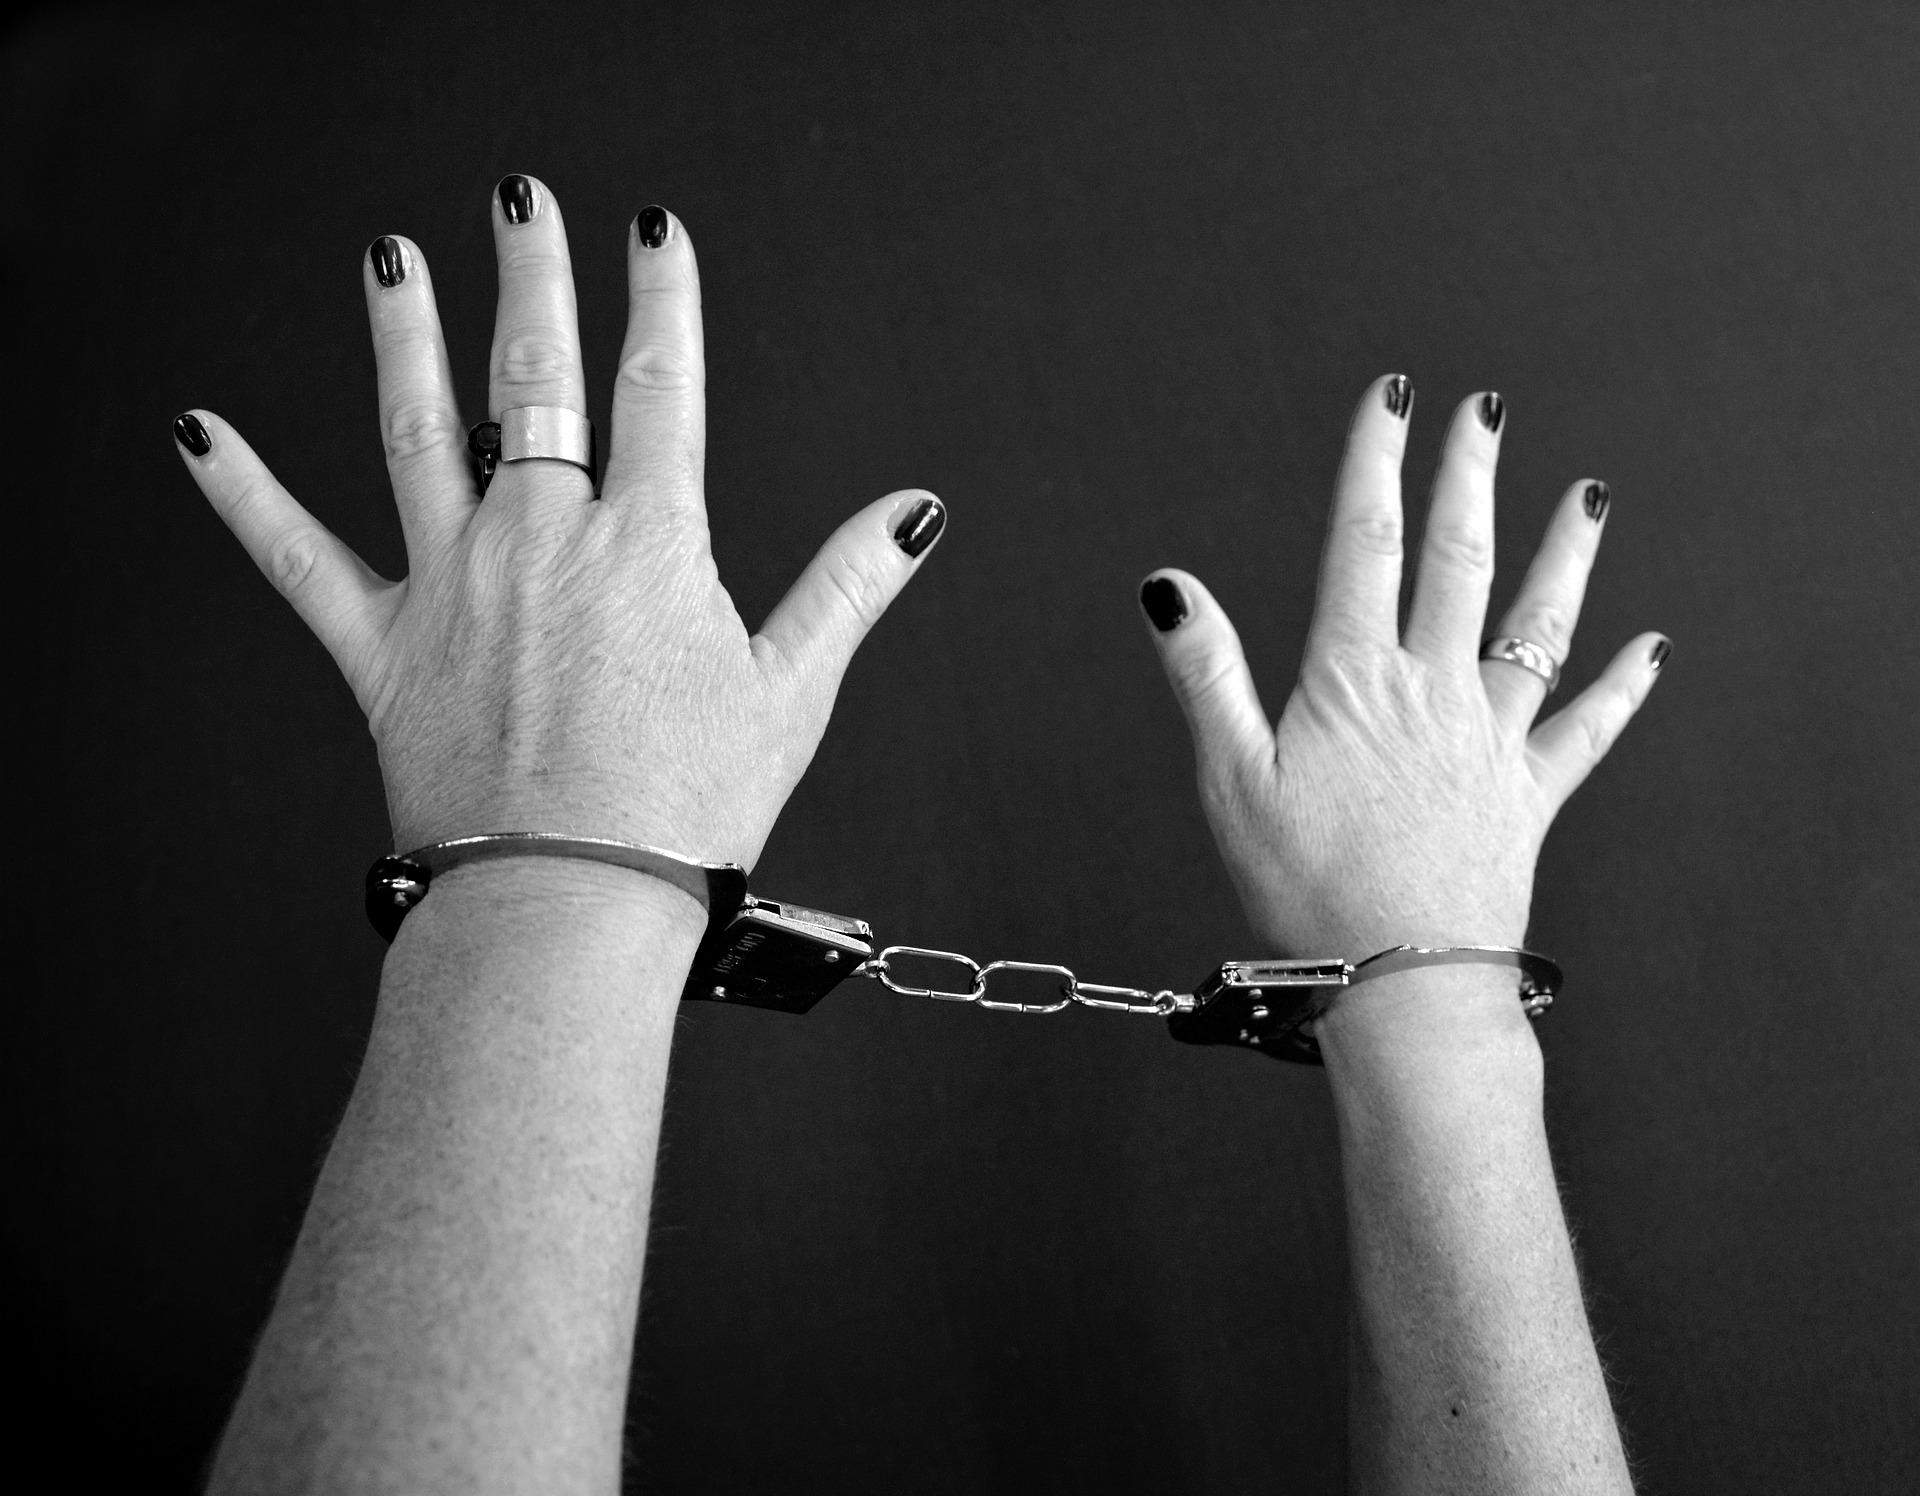 Une femme a été interpellée : elle est soupçonnée d'avoir passé un contyrat pour faire assassiner son mari. Image parKlaus HausmanndePixabay